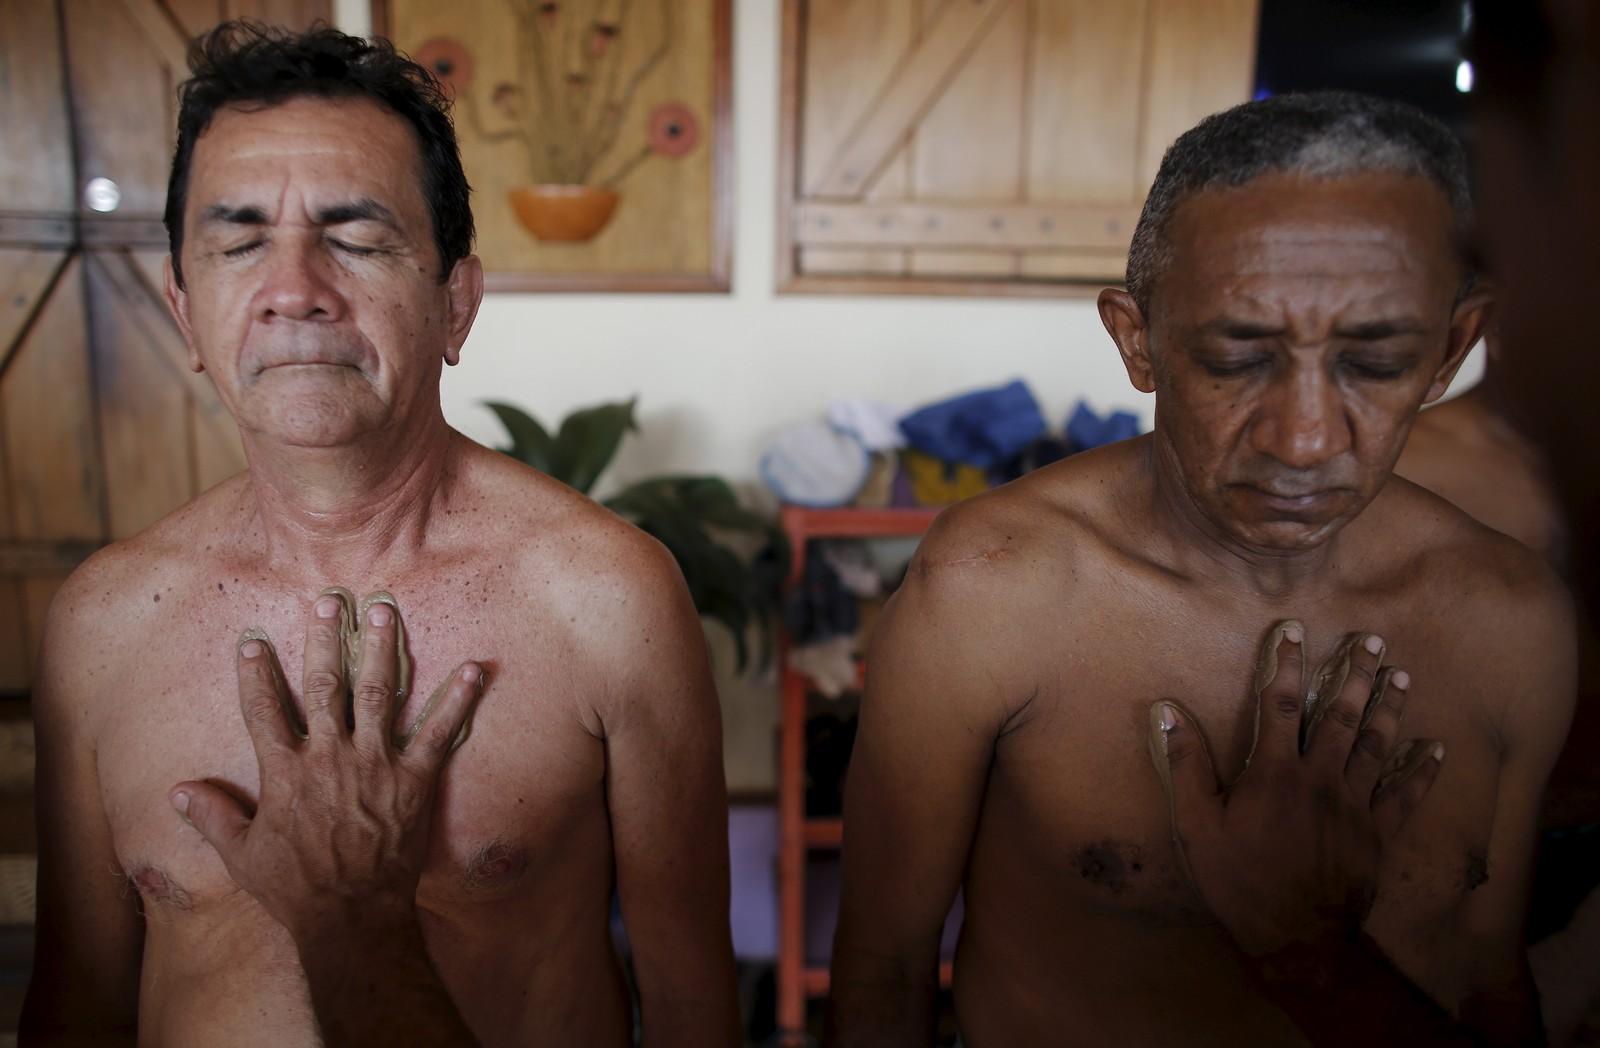 De brasilianske fengselsfangene Helio Steves (til venstre) og Epifacio Soares fotograferes under en gjørmeterapi-time. Fangene tilbringer mye tid i mørke celler, og gjørmeterapien, sponsa av veldedige organisasjoner, skal visstnok være bra for huden.